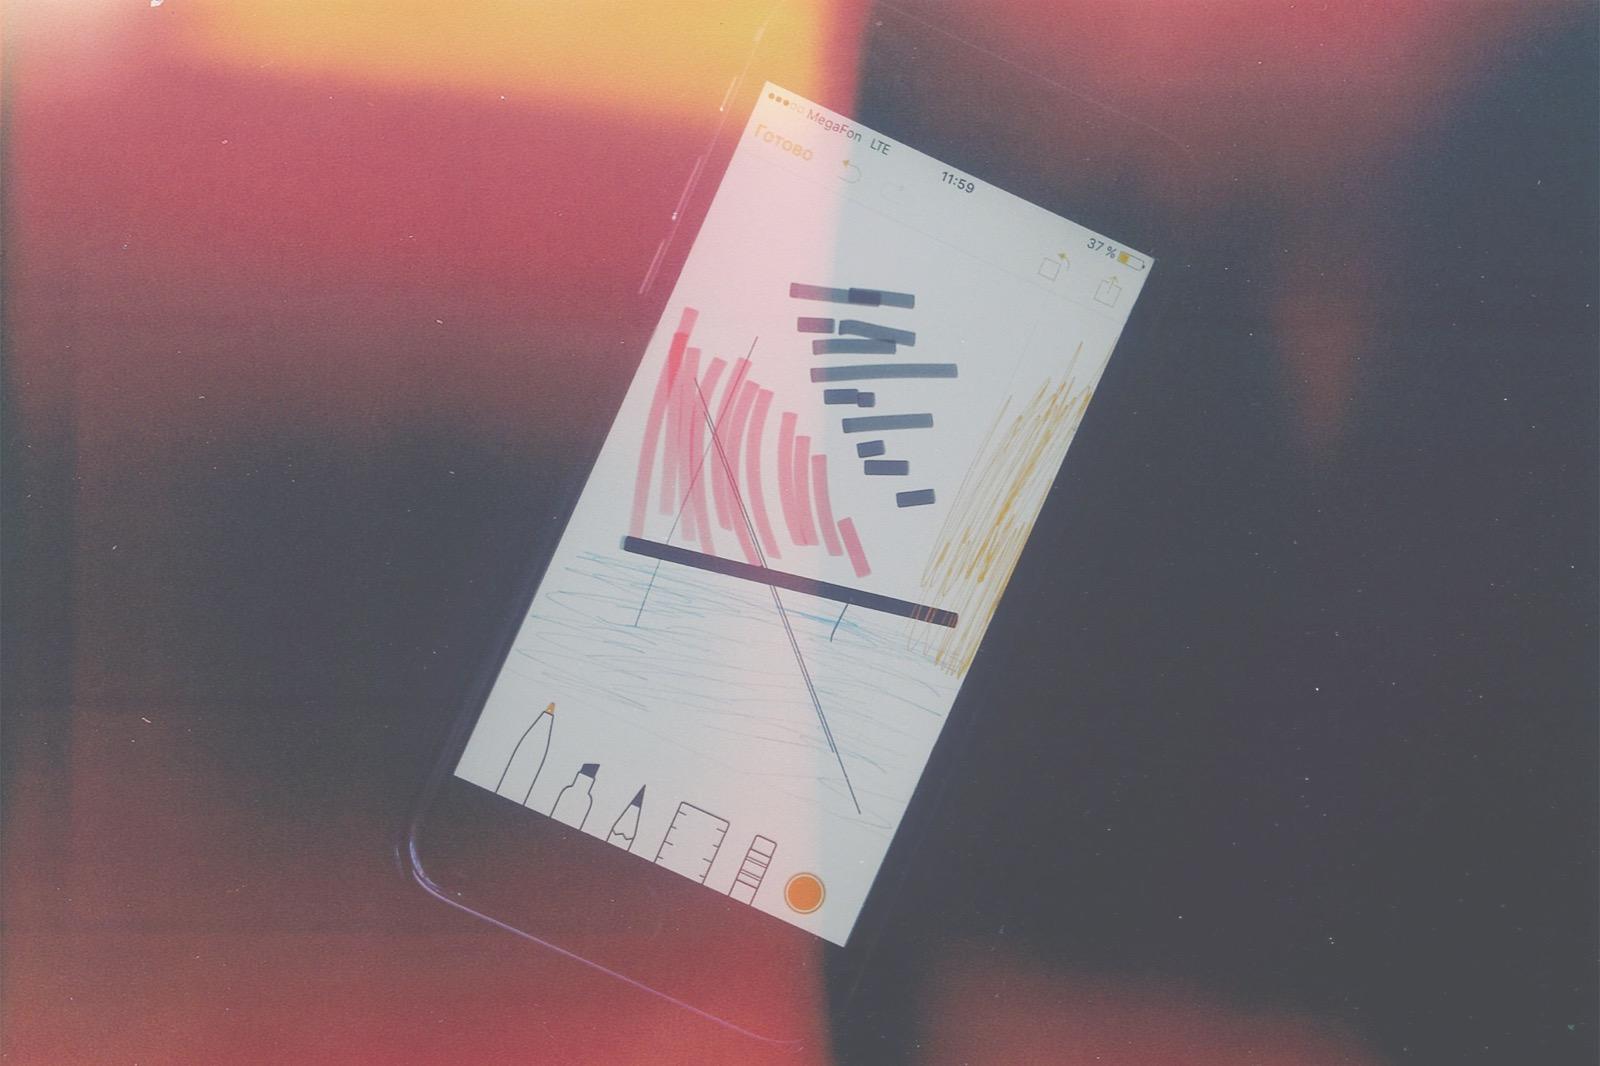 Как рисовать в Заметках на iOS 9